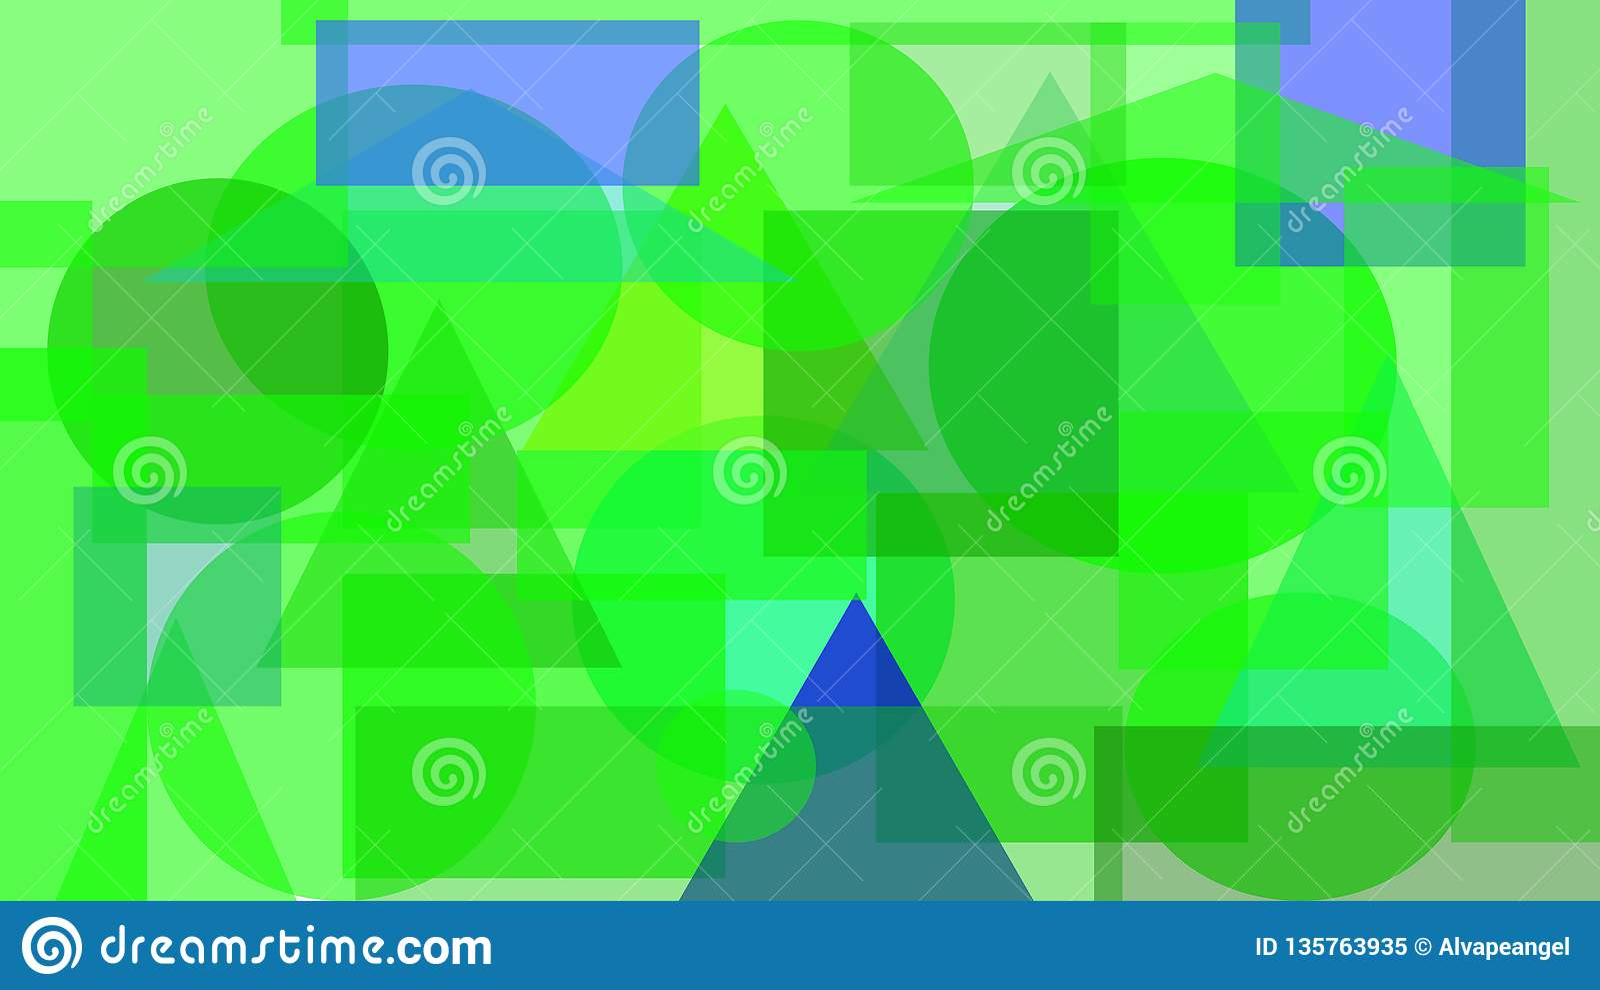 Digital abstrakt design av gröna och blåa former